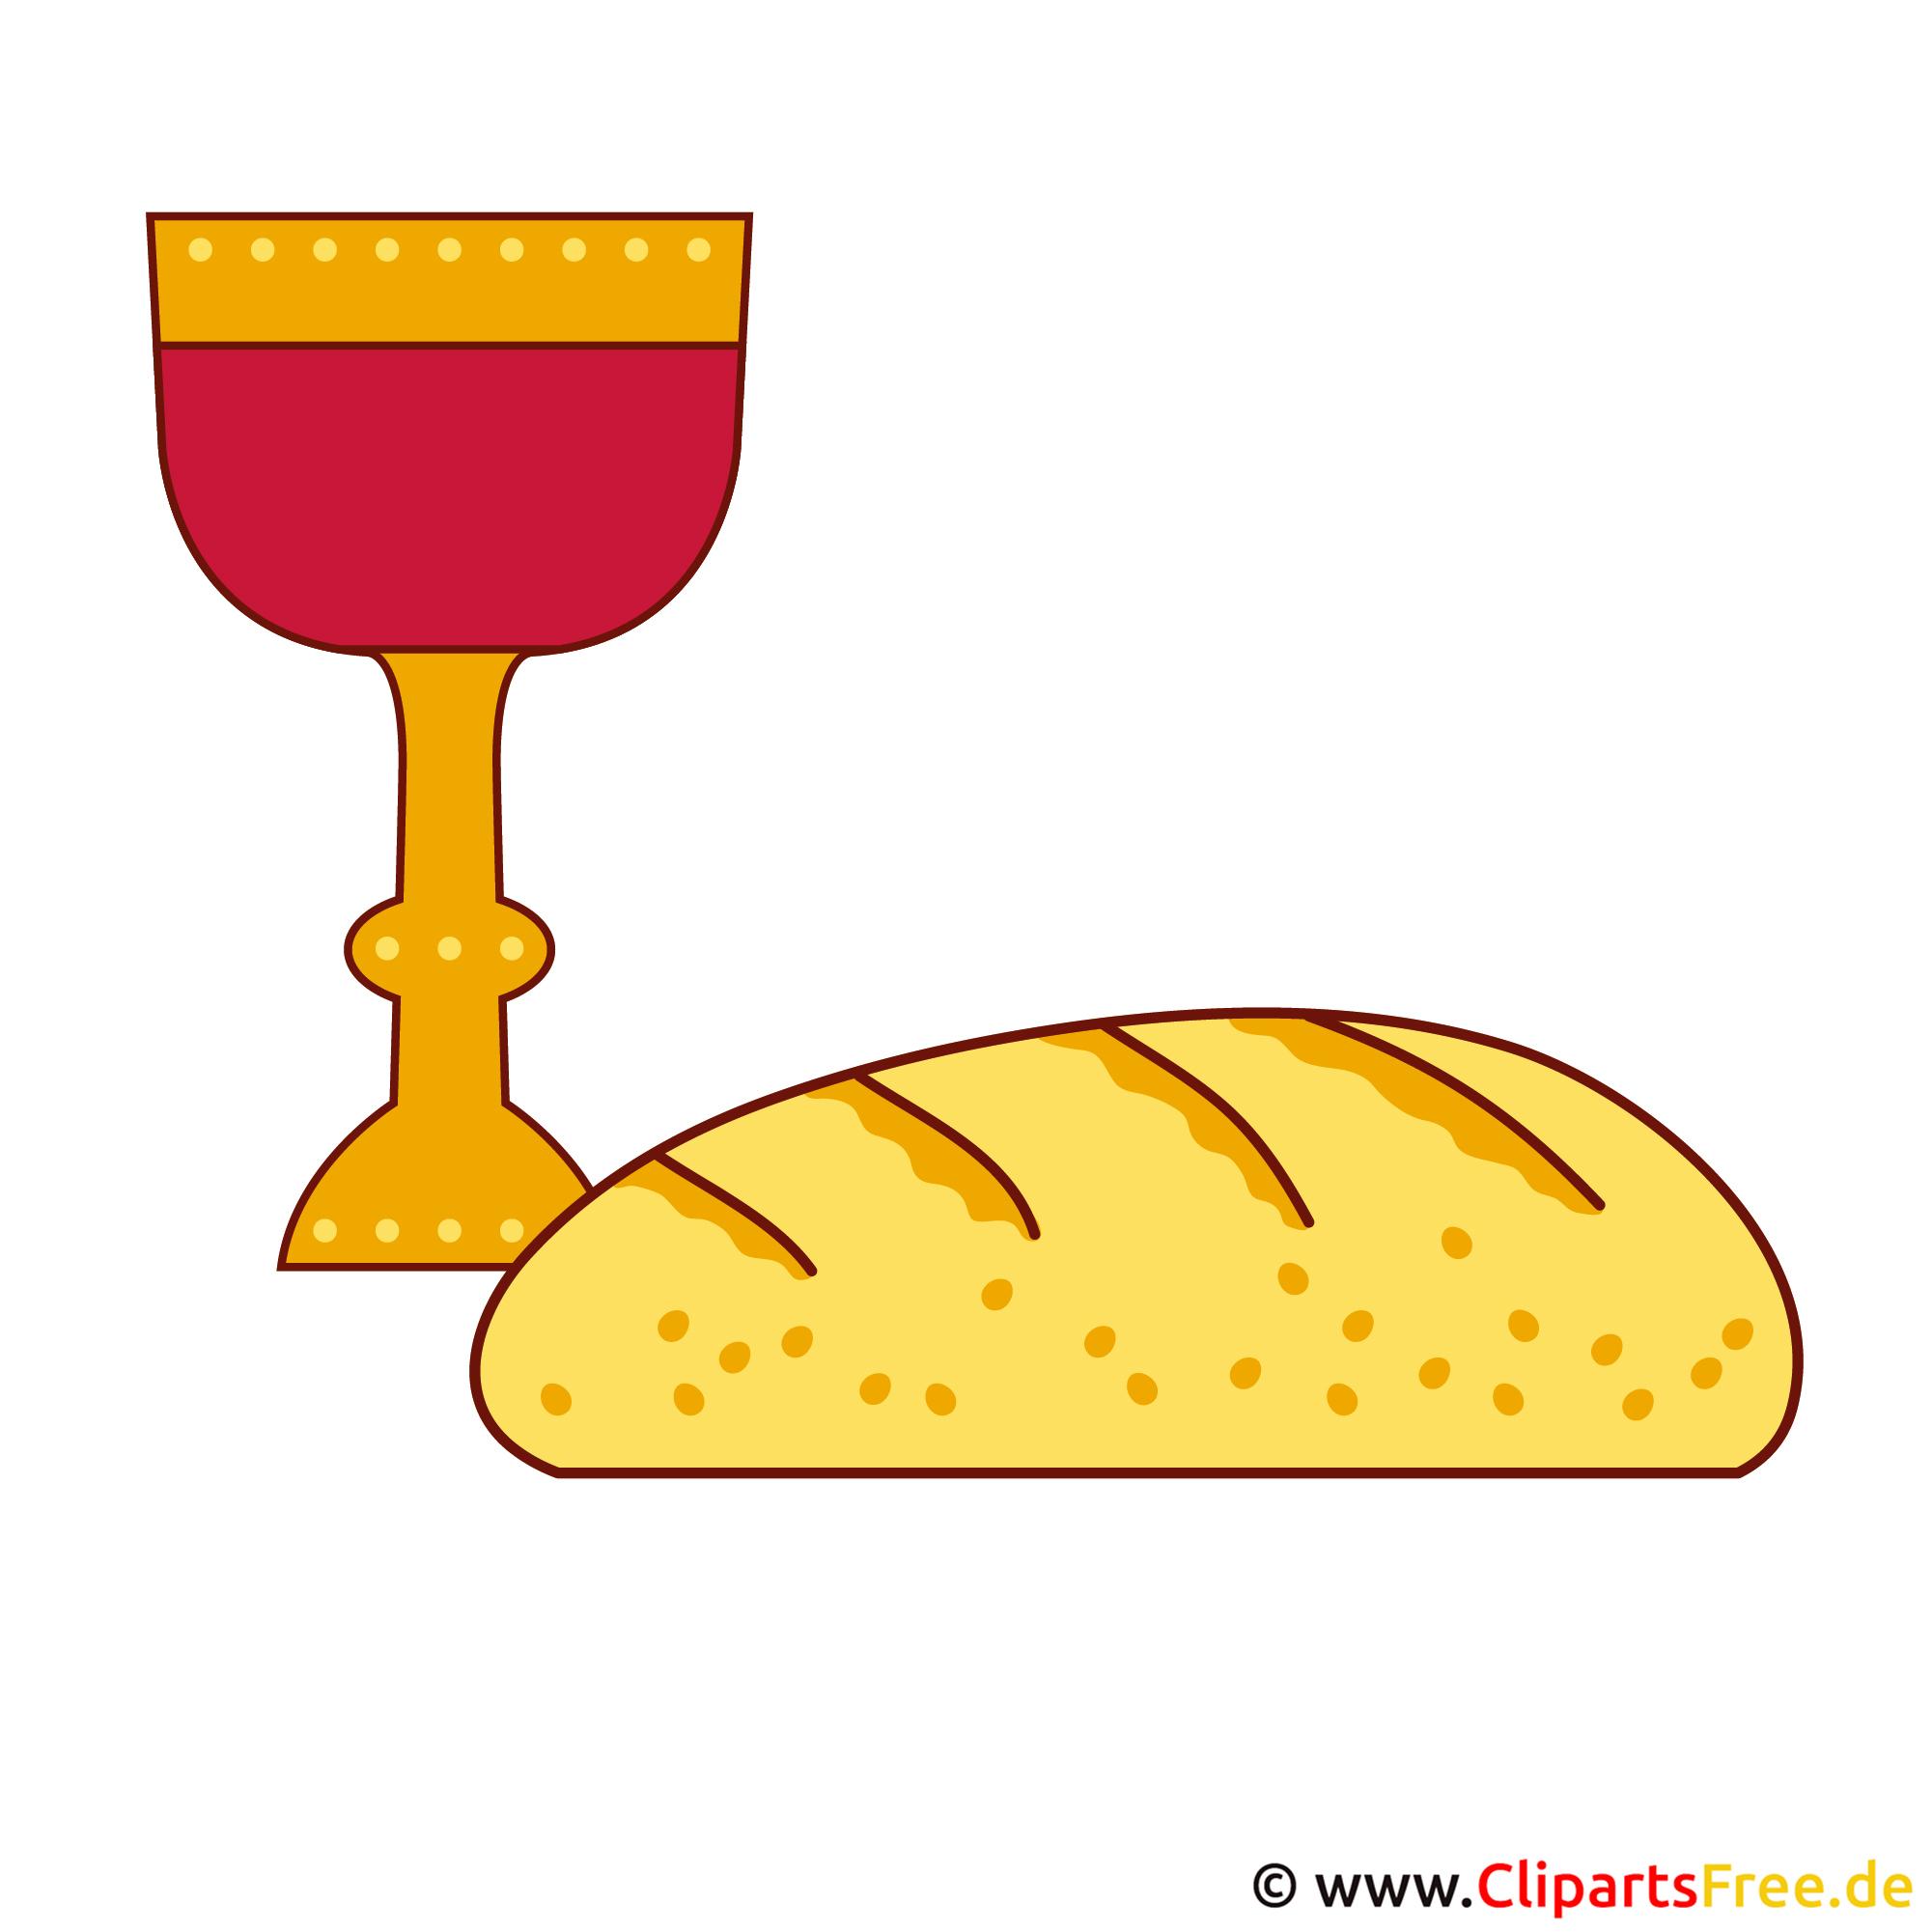 Kommunion Einladungskarten  mit gratis Cliparts gestalten - Brot und Wein